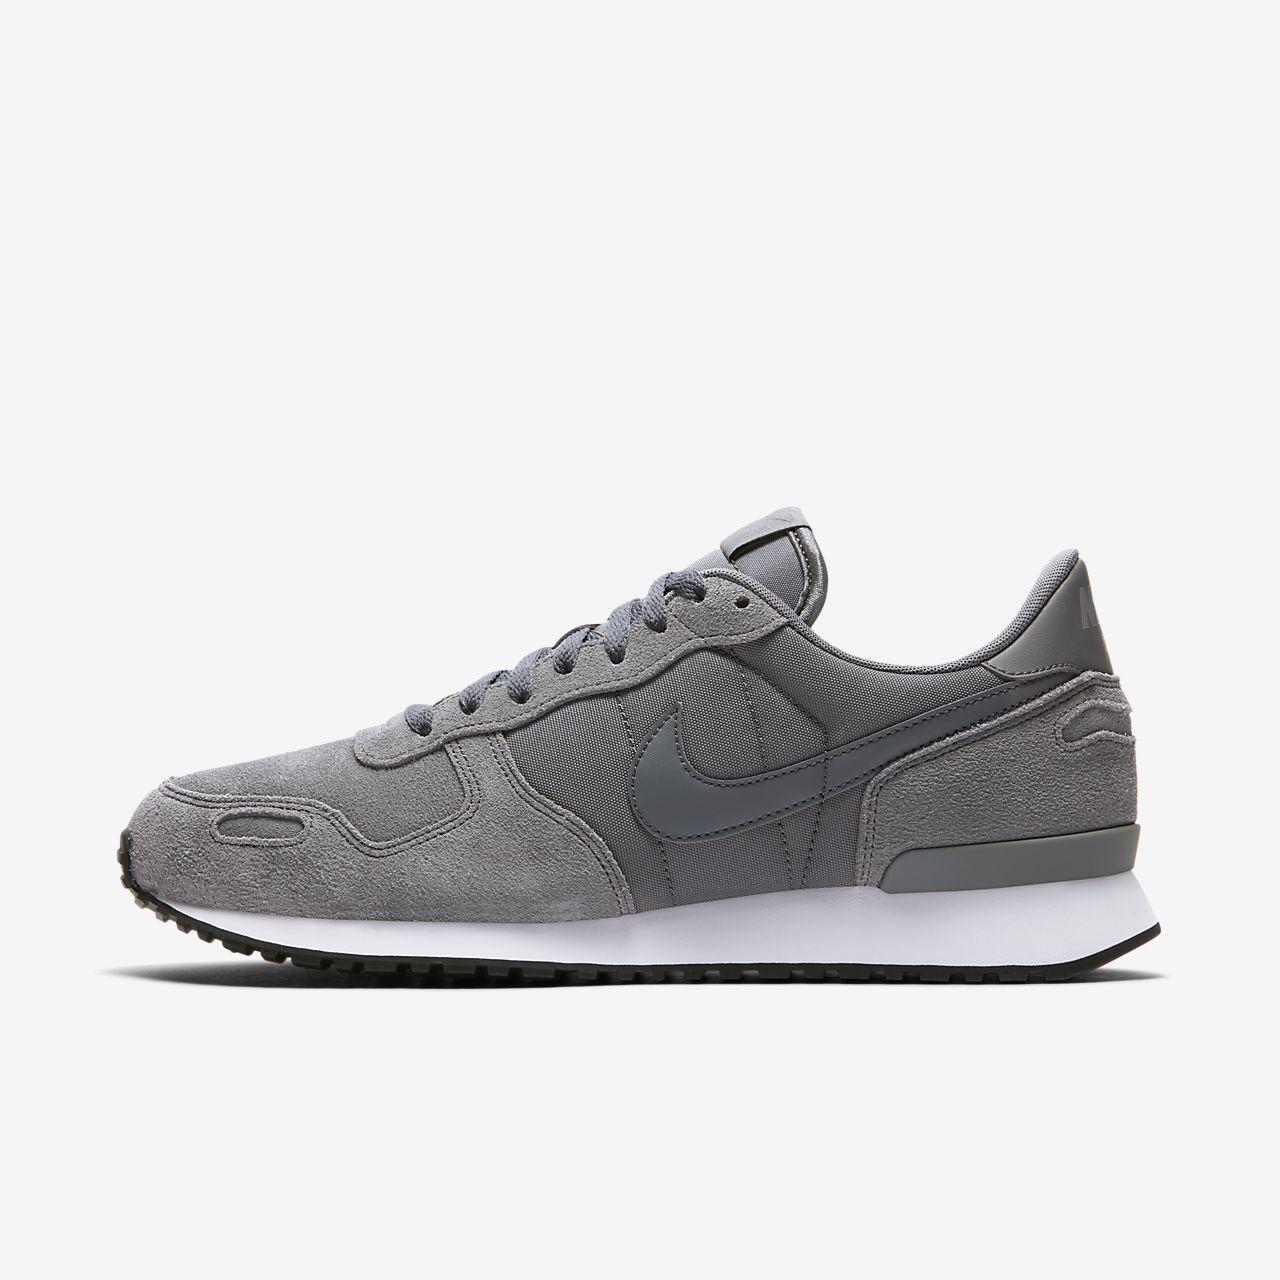 61e8d37f299 Nike Air Vortex Men s Shoe. Nike.com NL